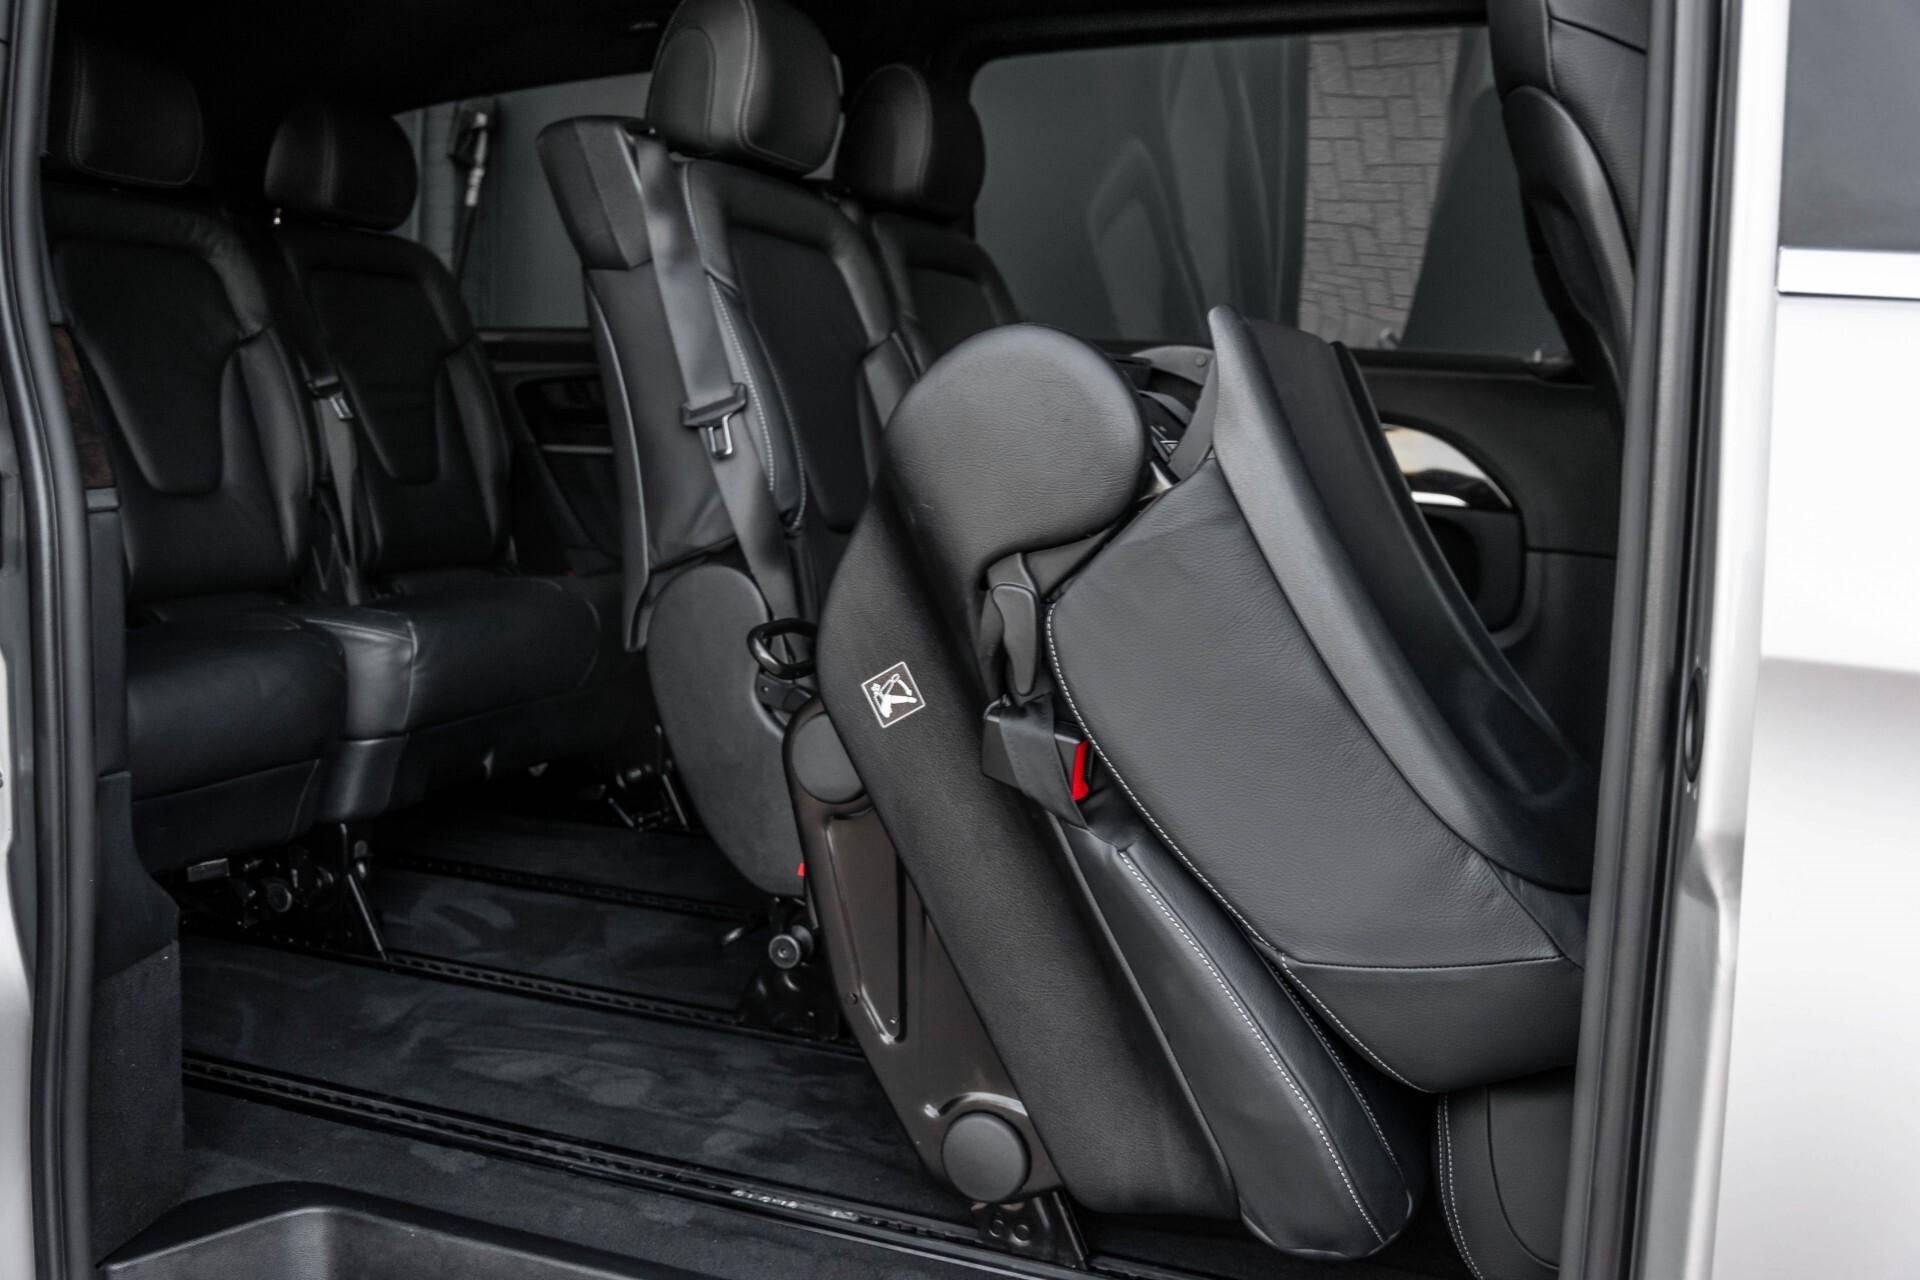 Mercedes-Benz V-Klasse 220d Extra Lang 8-Persoons Avantgarde Edition Burmester/360camera/spoorpakket/ILS Aut7 Foto 6